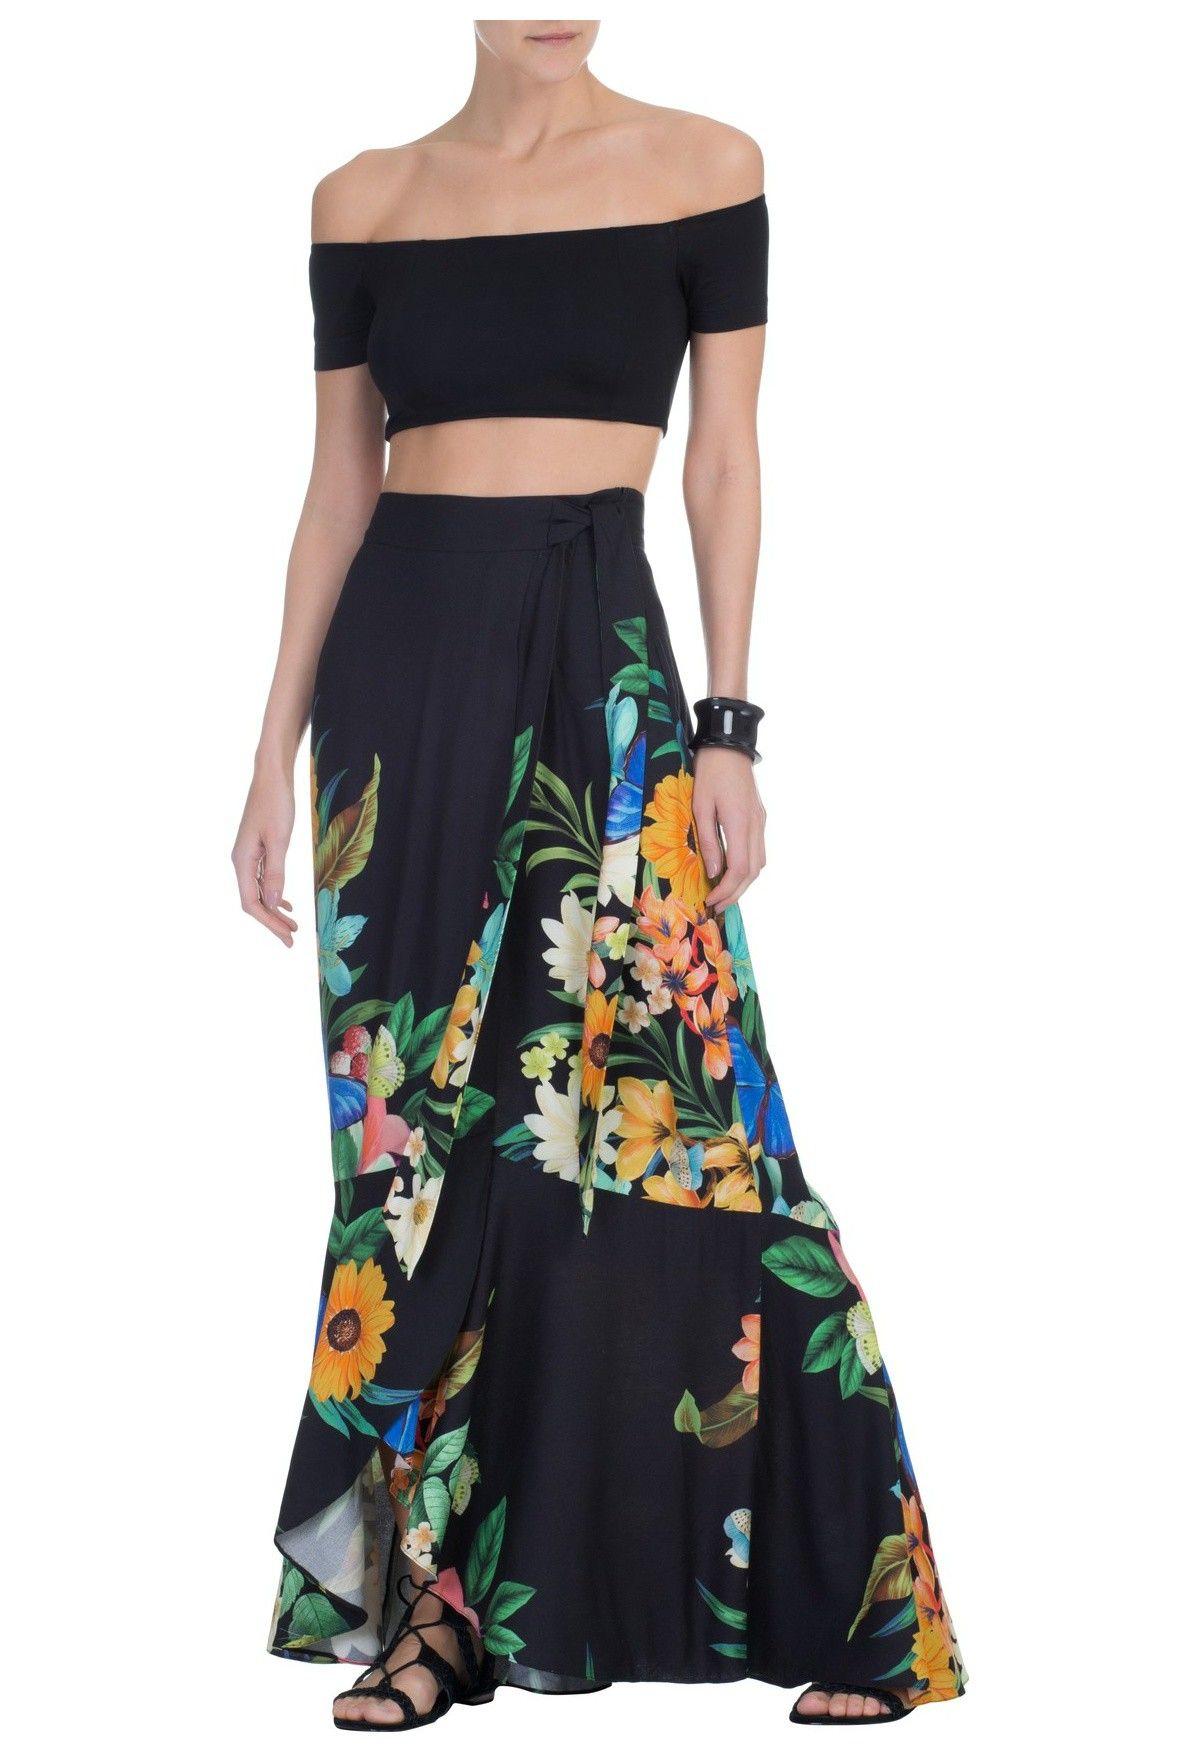 82e7693ac FARM - Saia longa floreando - preta - OQVestir | roupas e acessórios ...